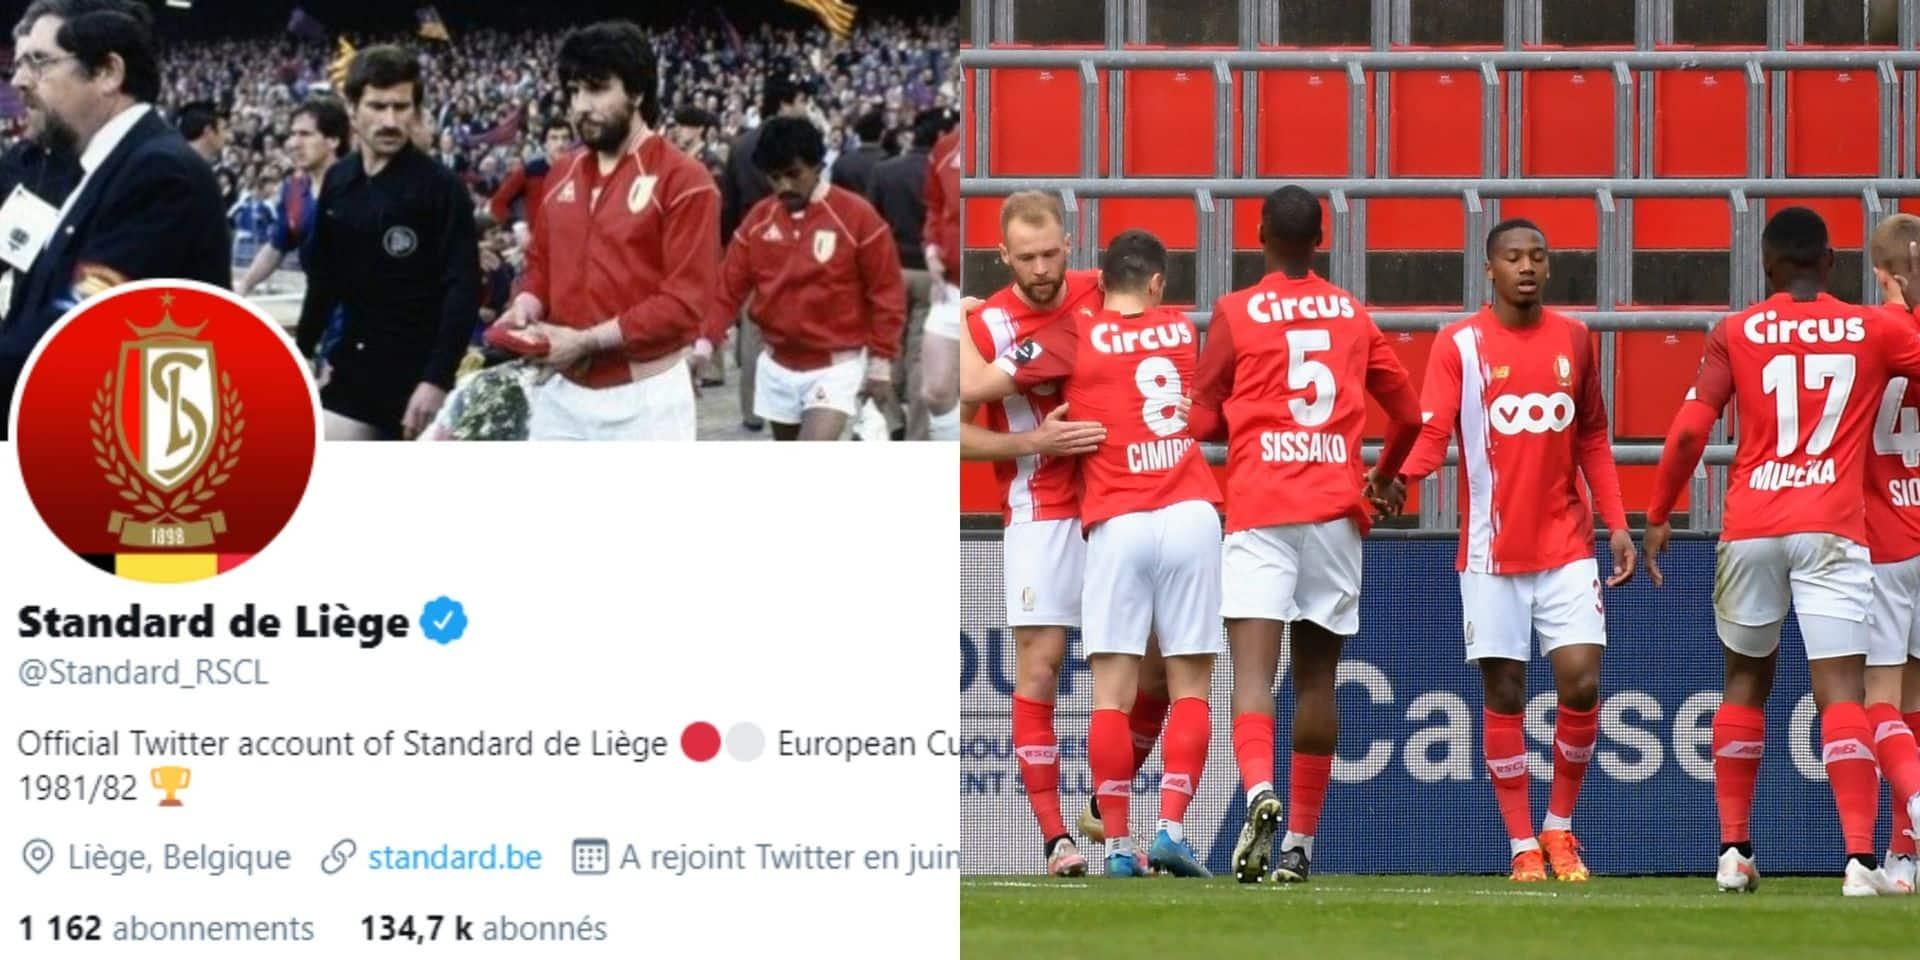 """Le Standard réagit avec humour à la création de la Super Ligue: """"Nous recevons enfin ce que nous méritions"""""""